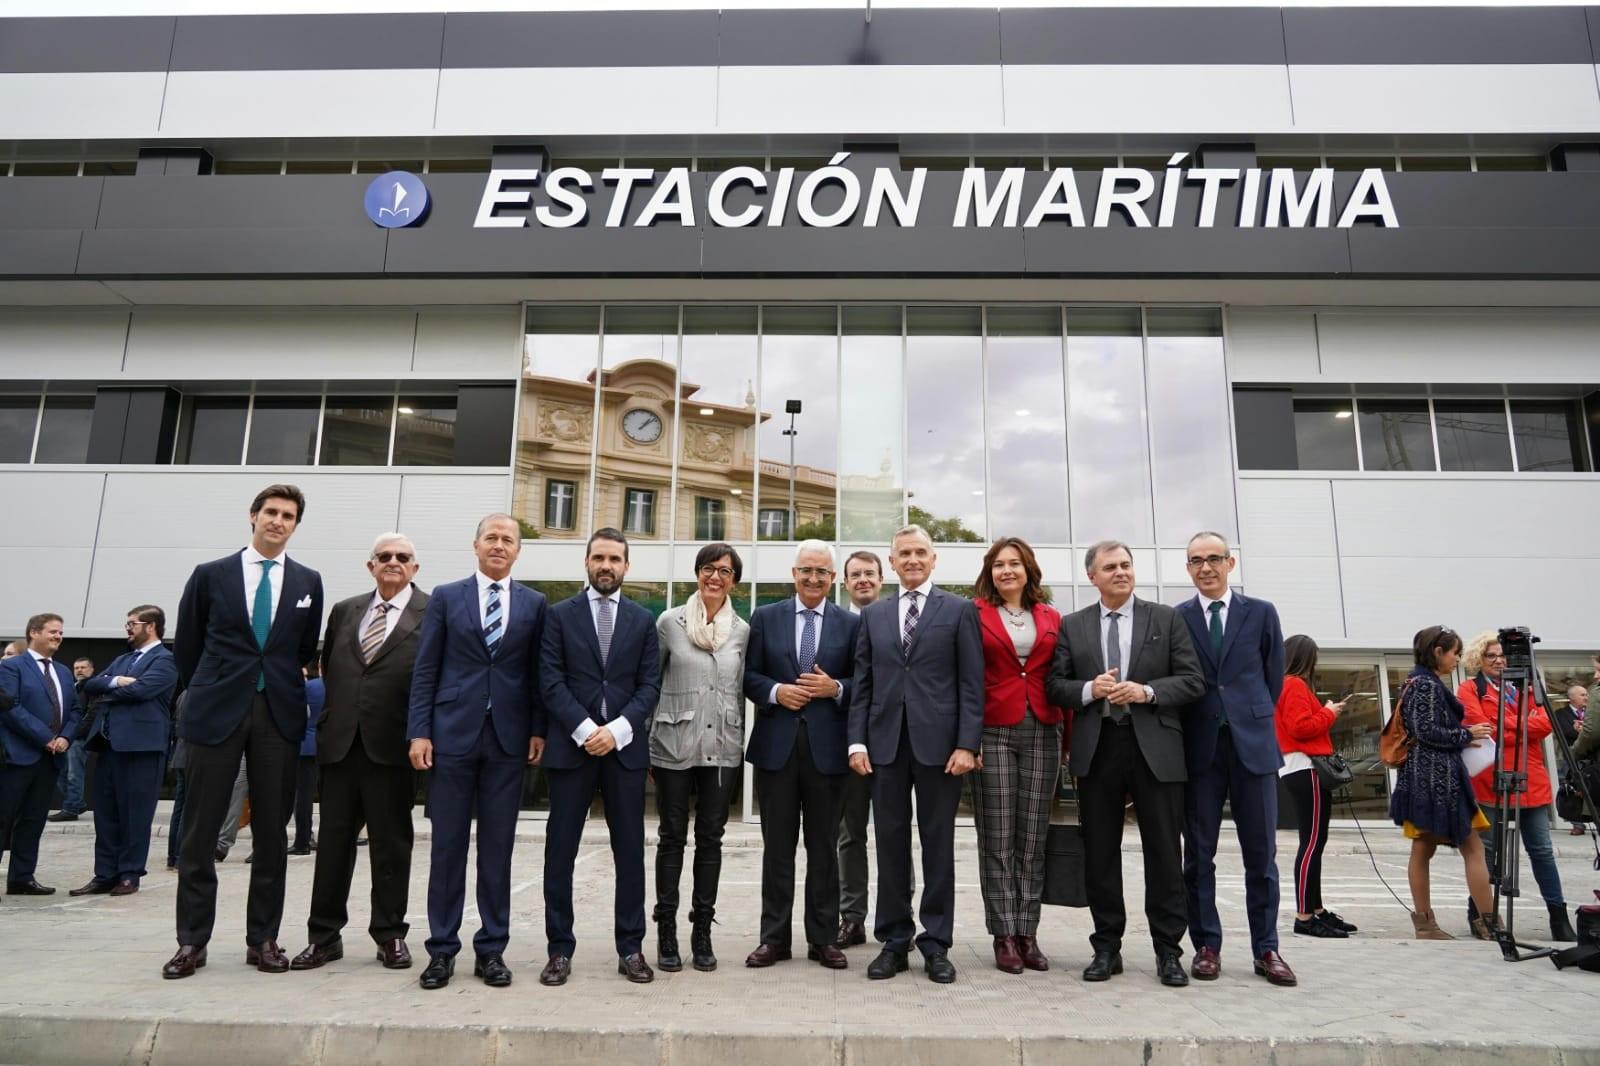 Eurogate Group Terminals inaugura las reformas de la Estación Marítima de Málaga con tráficos récord